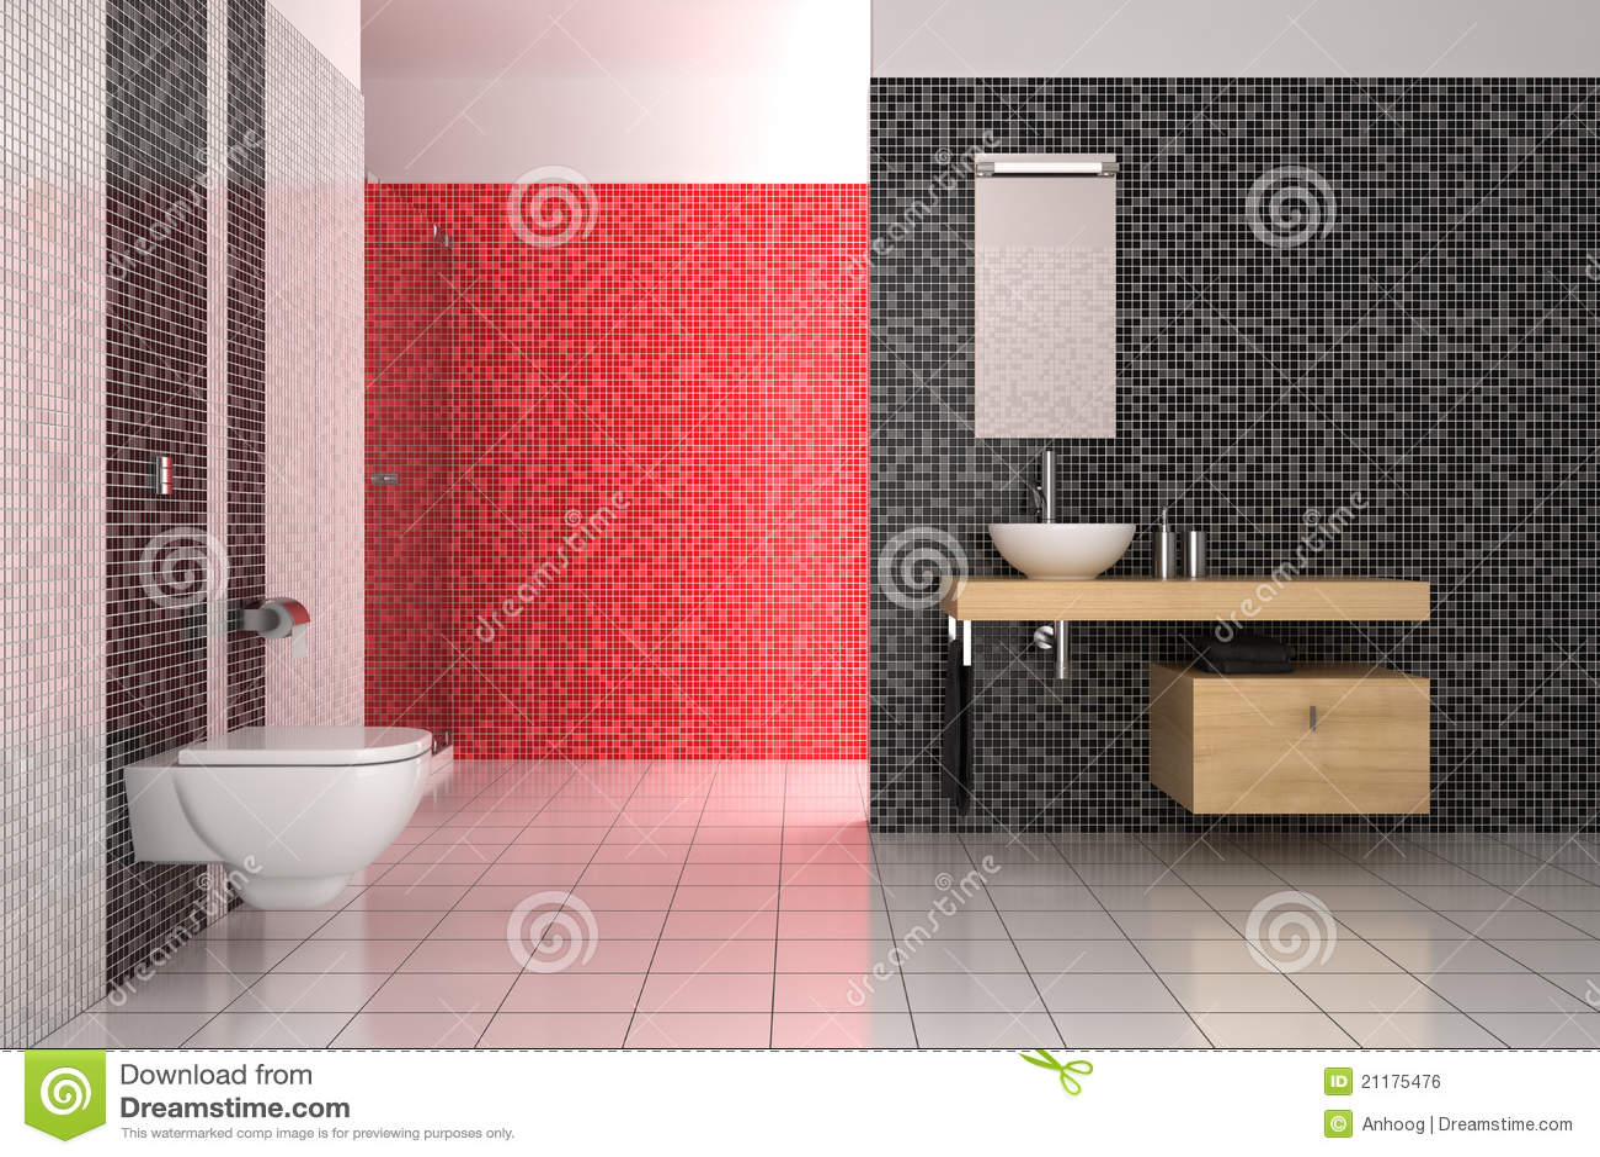 Baños Blanco Con Rojo: : Cuarto de baño moderno con los azulejos negros, rojos y blancos